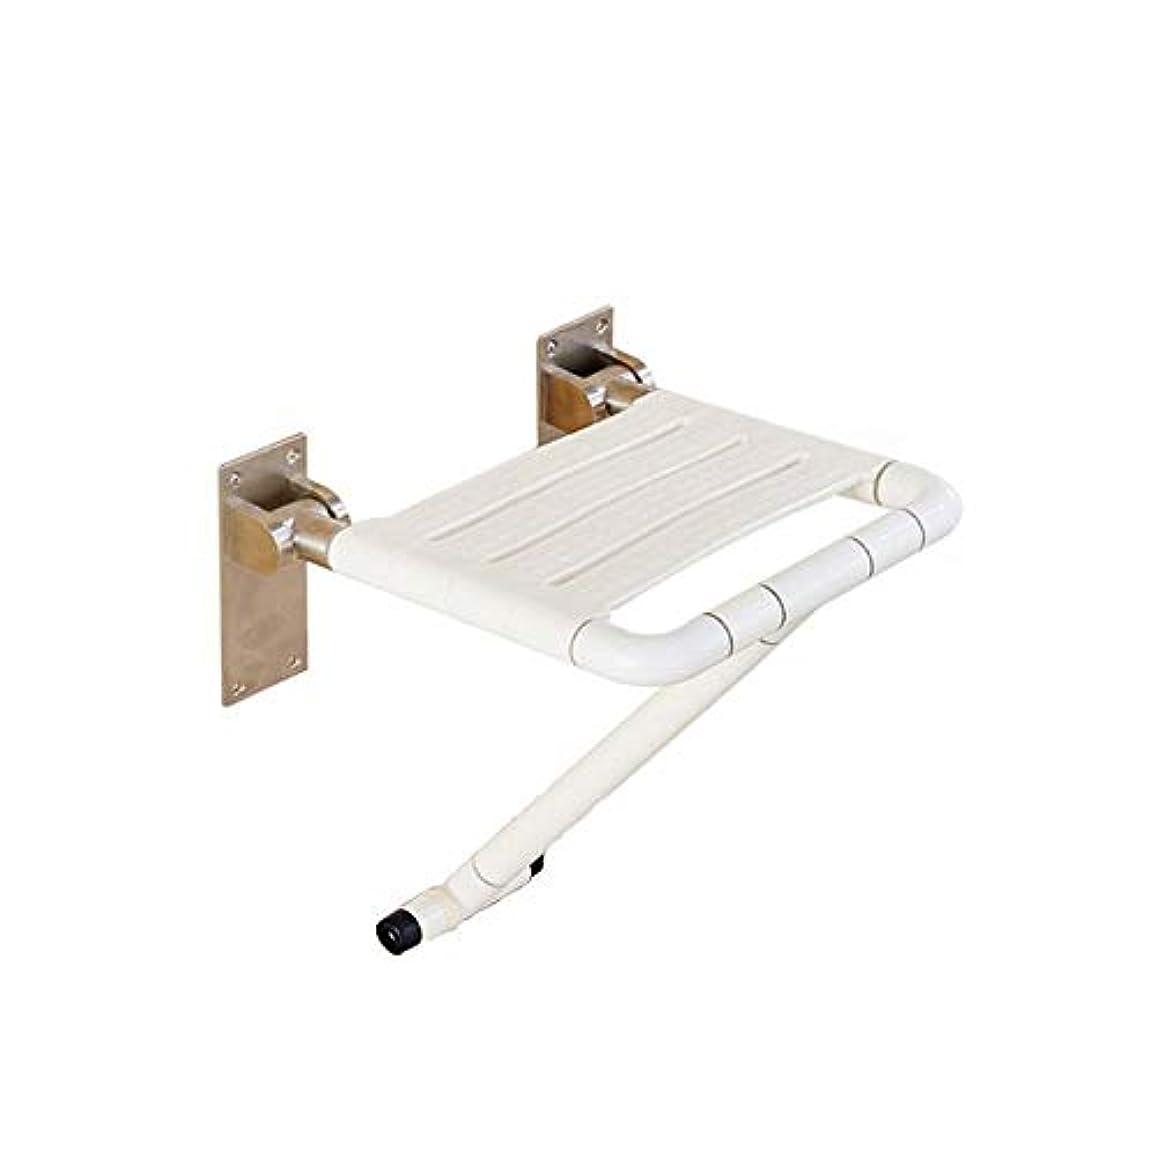 壁に取り付けられた折るシャワーの座席腰掛けの移動性の援助